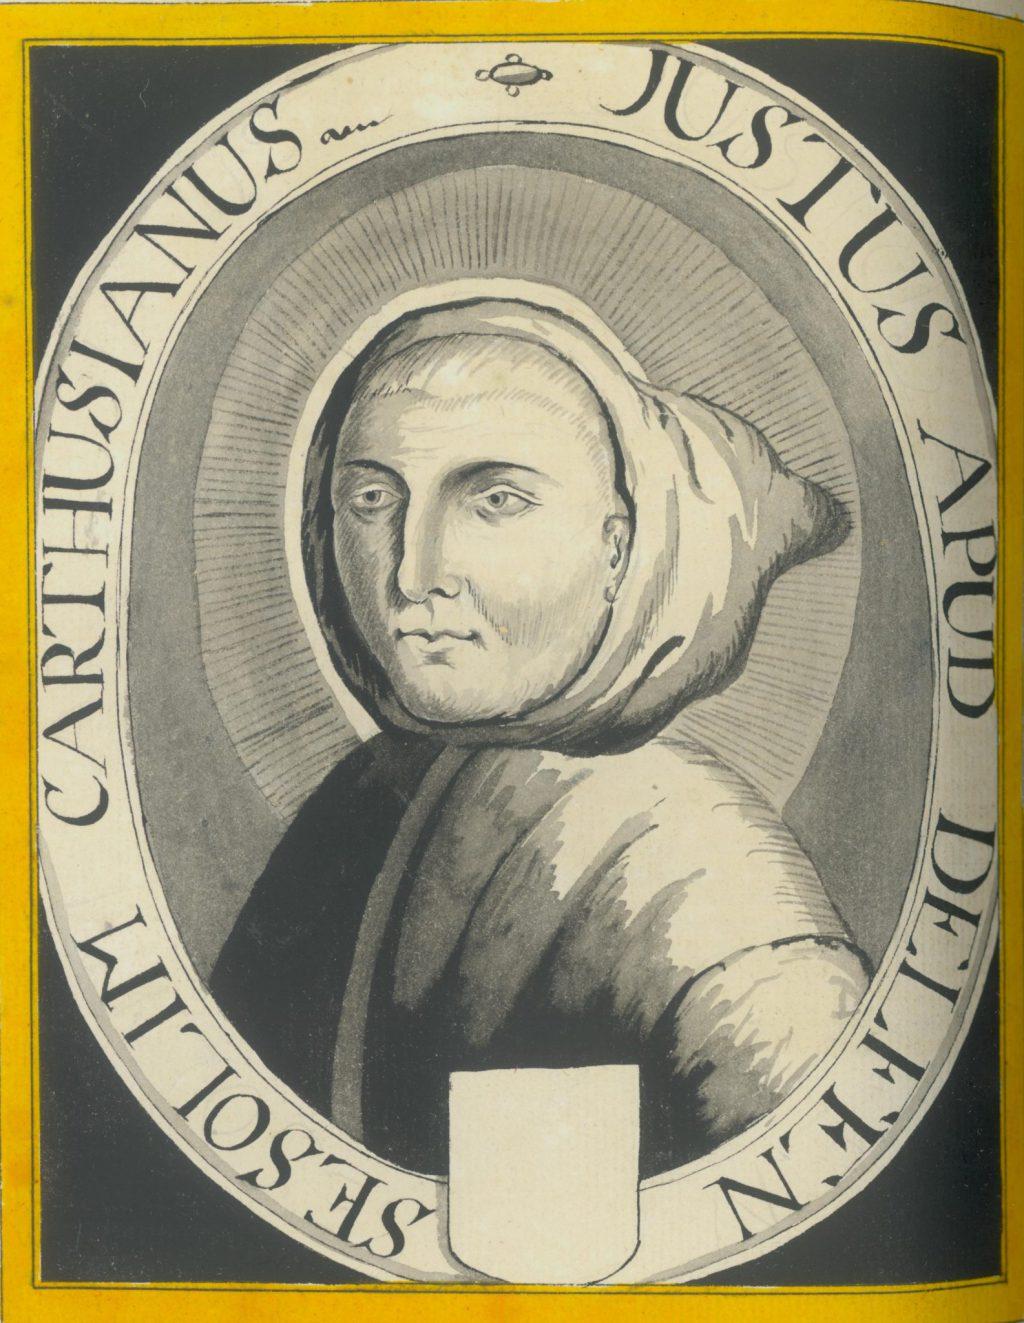 Portret van Justus van Schoonhoven (TMS 71558)